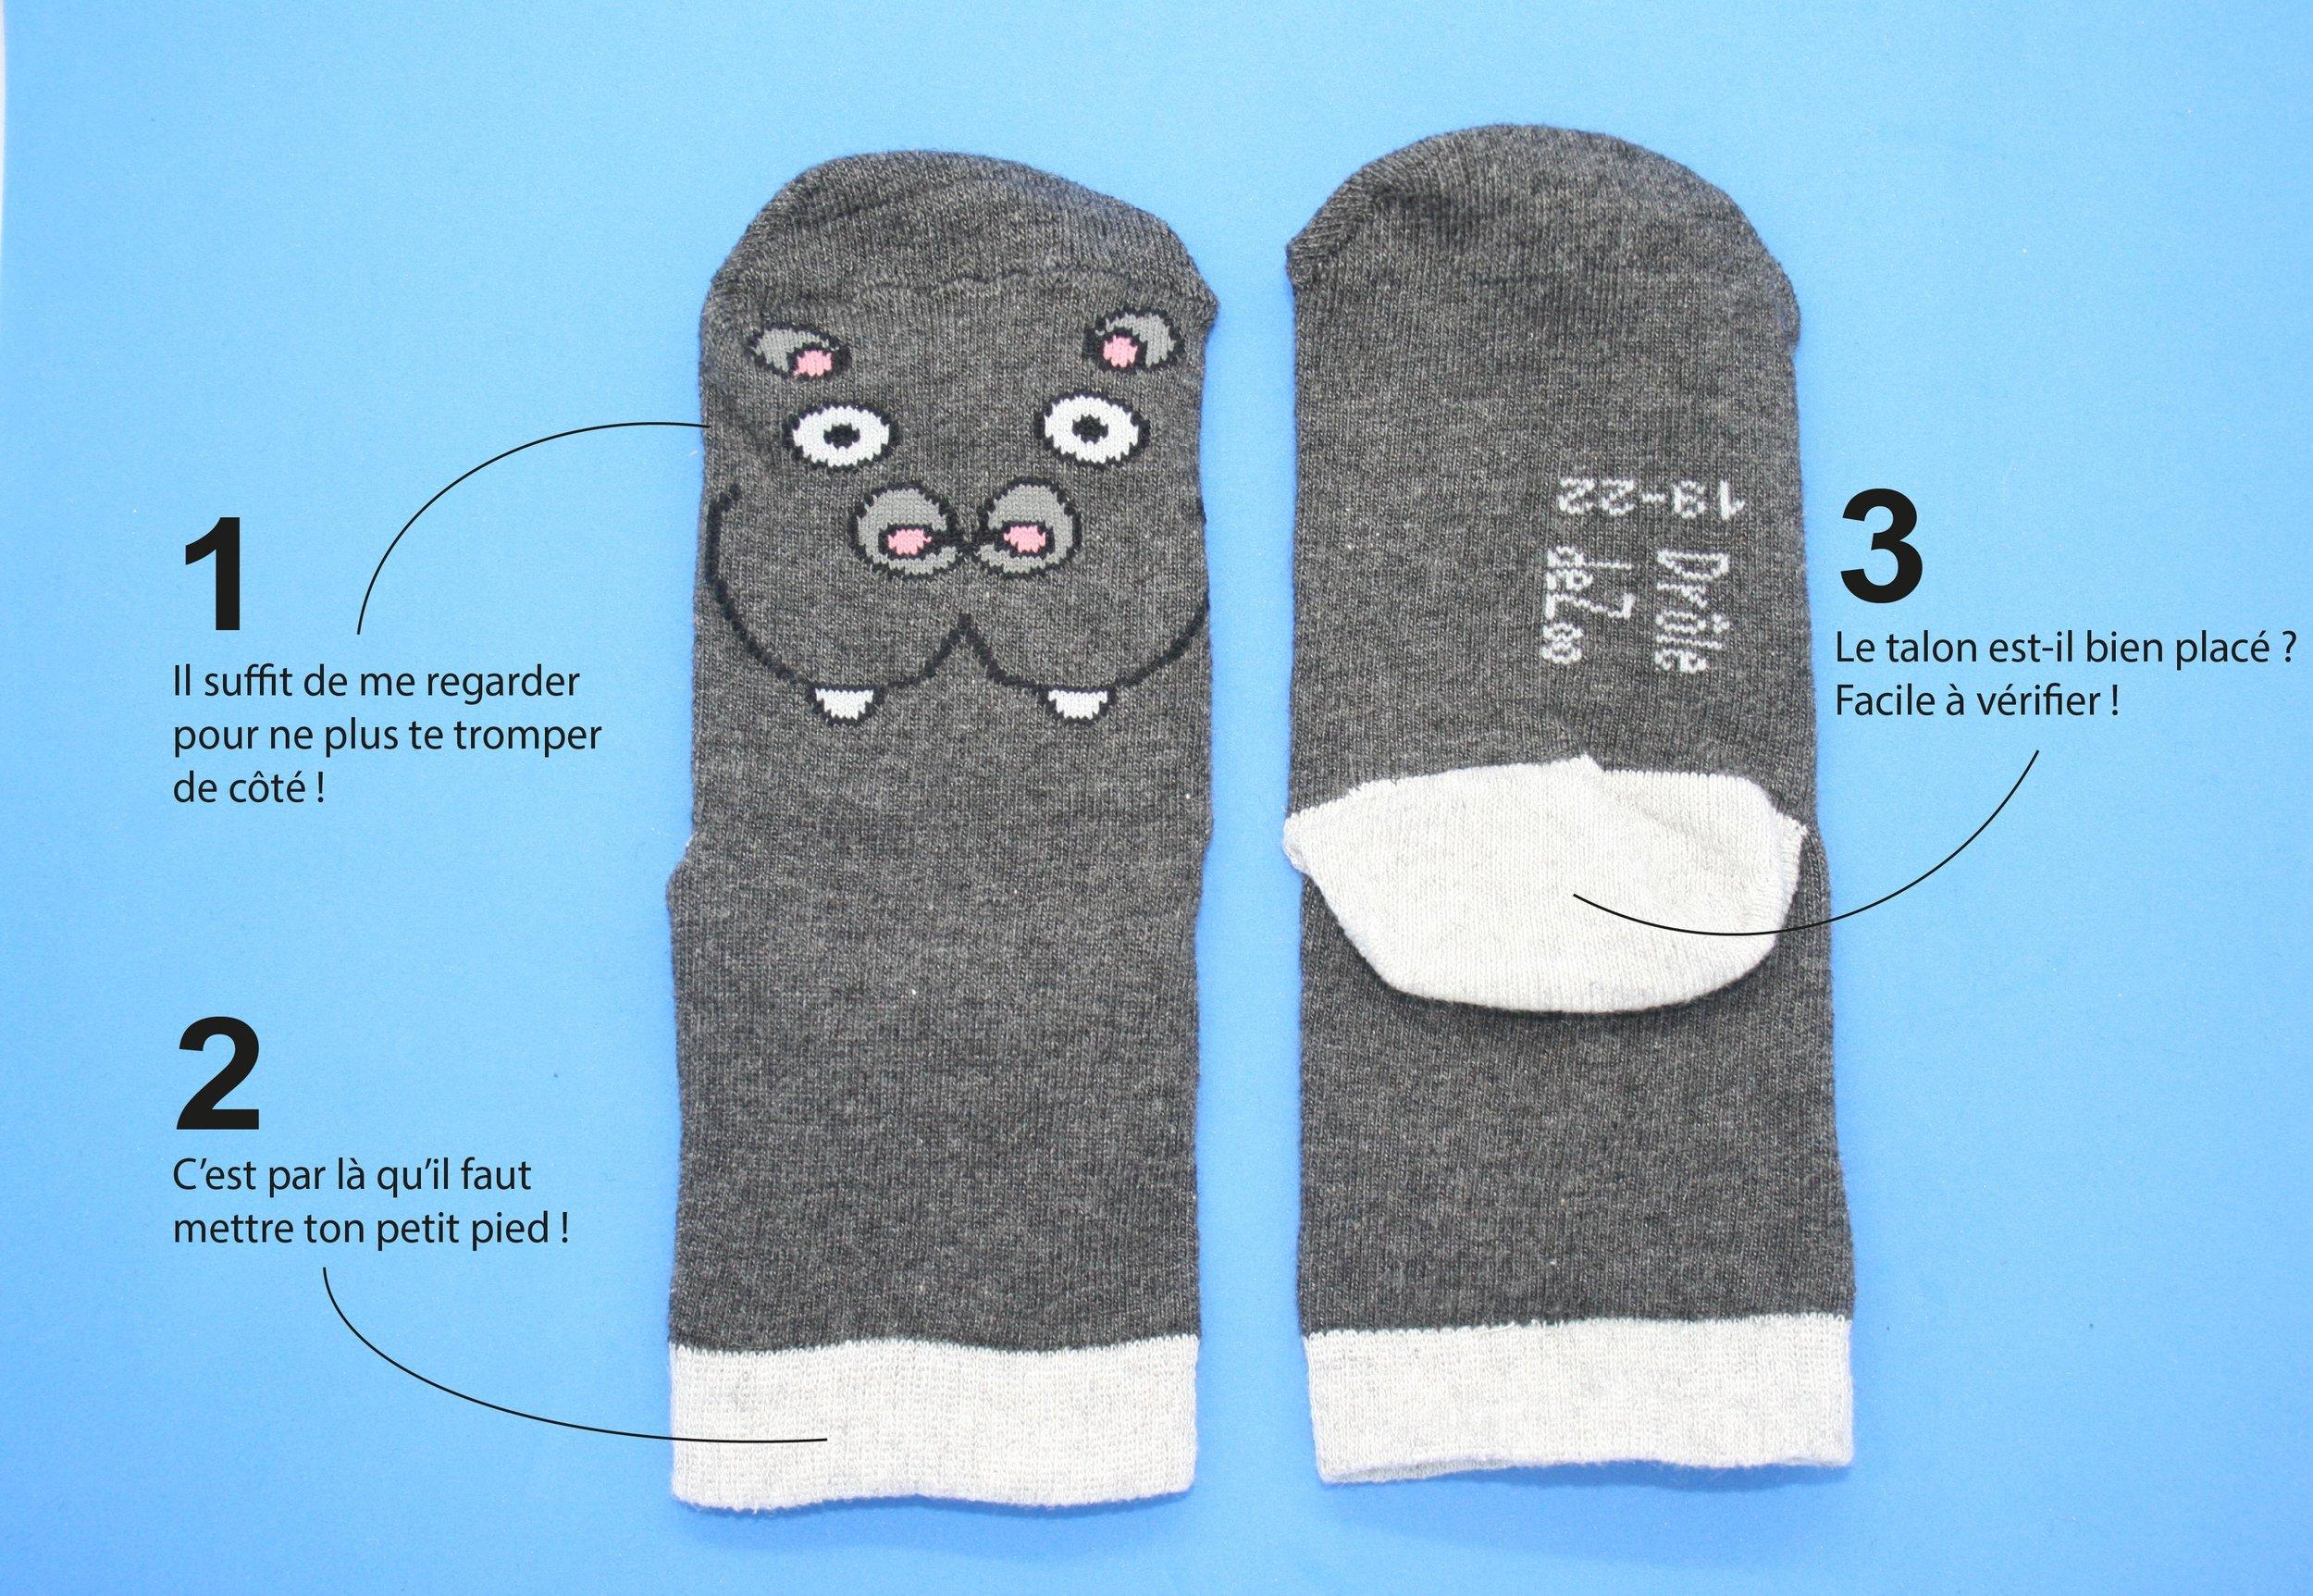 chaussettes DDZ comment ça marche